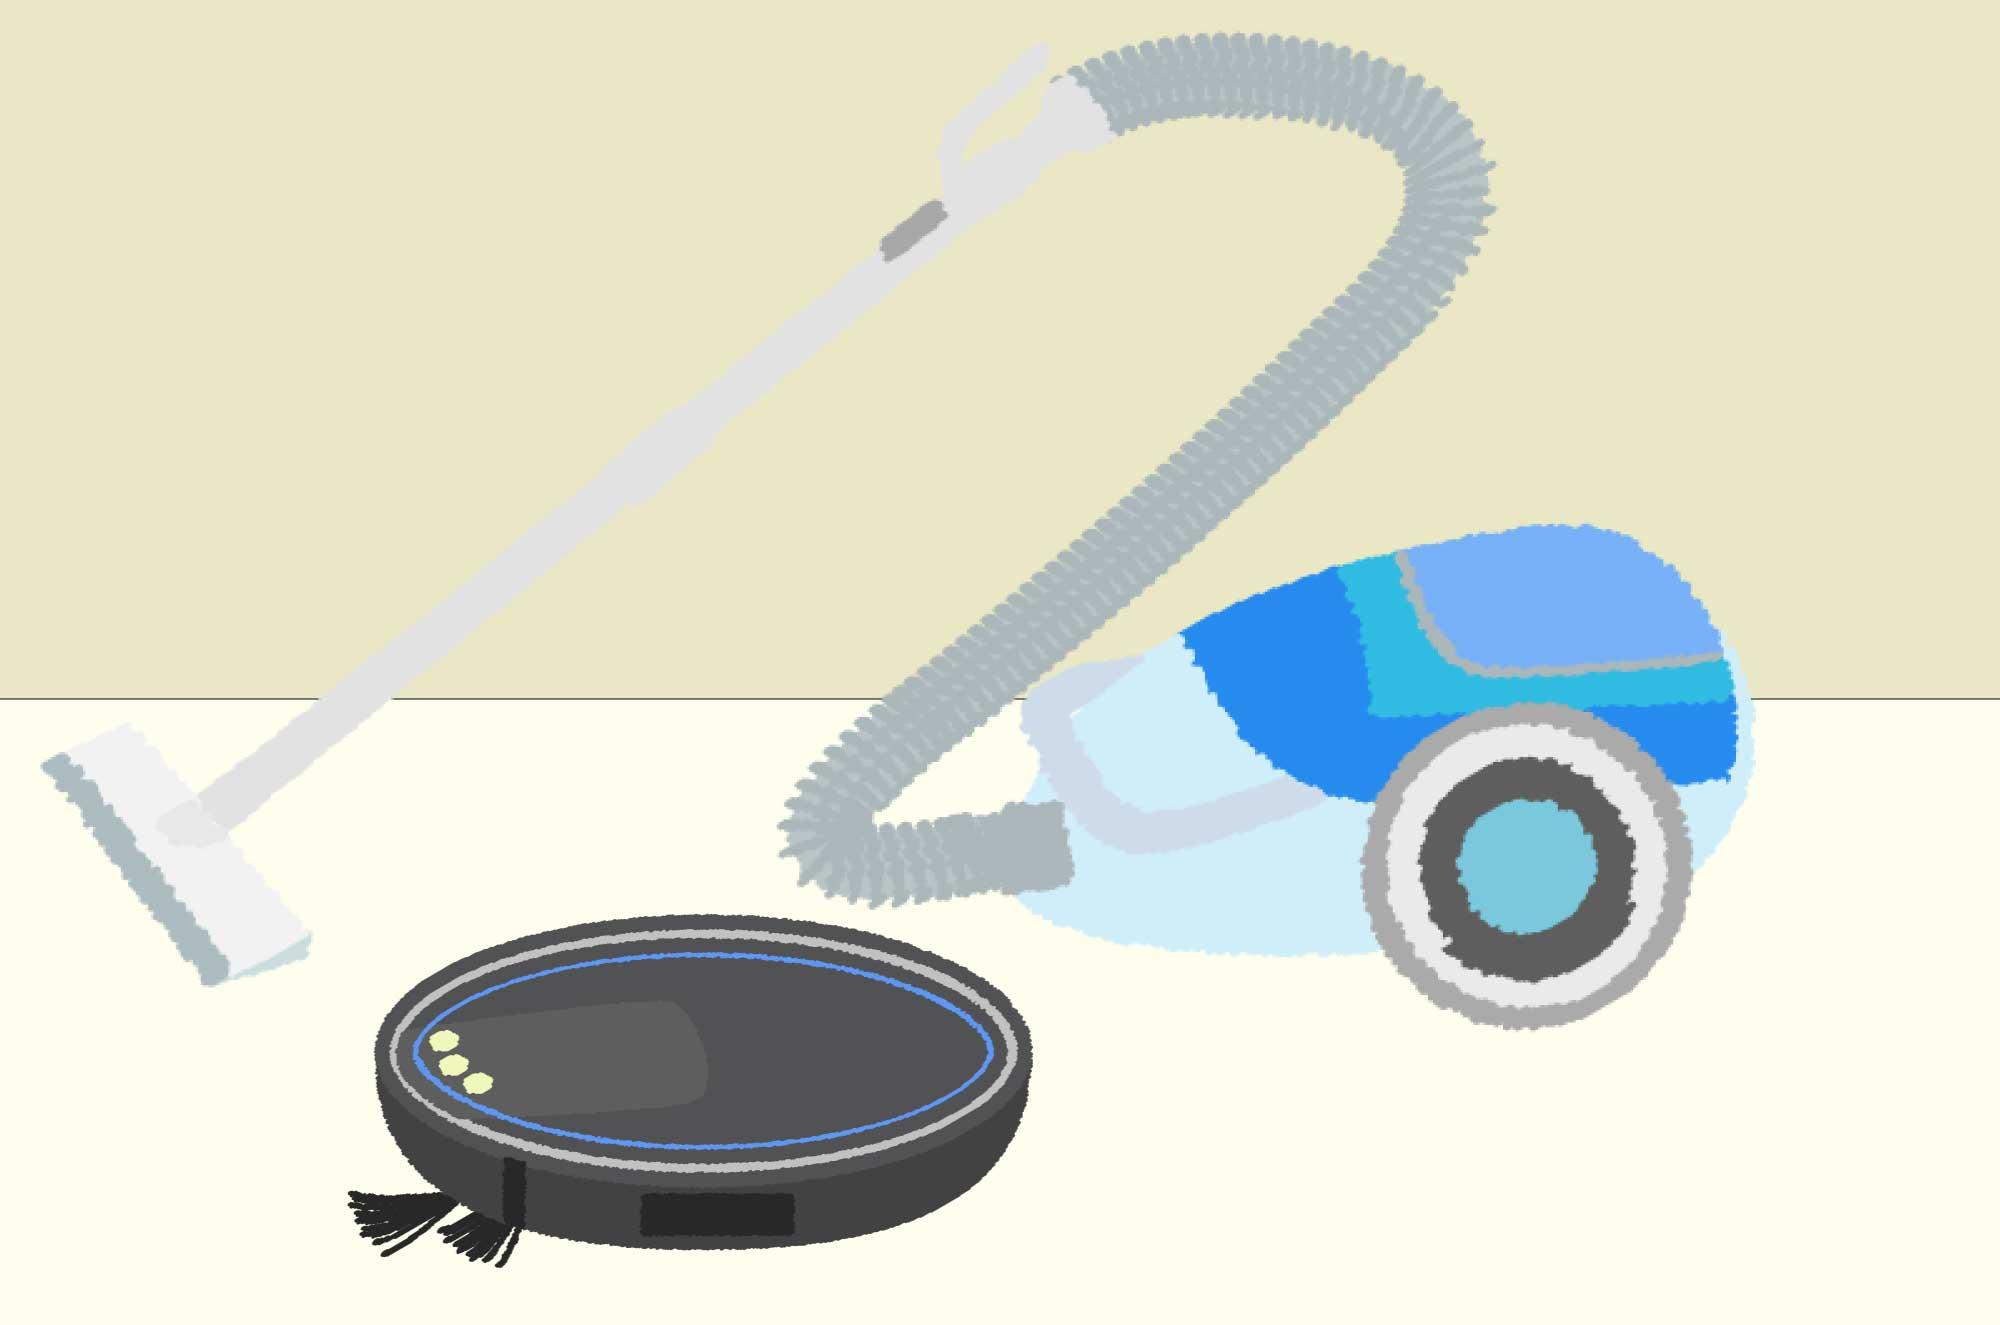 かわいい掃除機のイラスト - 無料の生活家電の素材